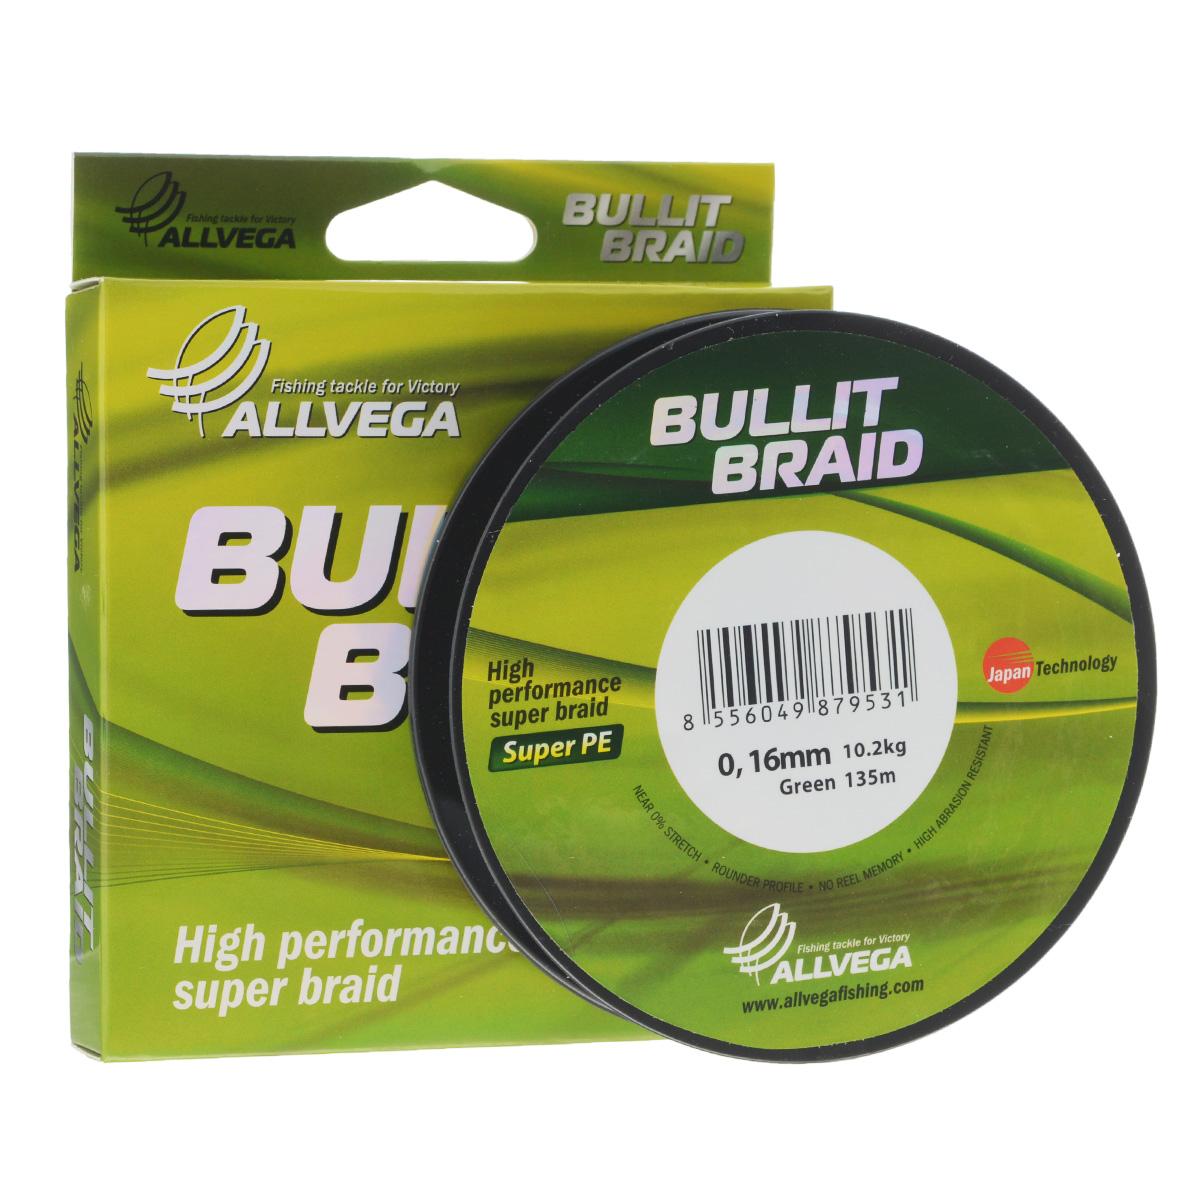 Леска плетеная Allvega Bullit Braid, цвет: темно-зеленый, 135 м, 0,16 мм, 10,2 кг21442Леска Allvega Bullit Braid с гладкой поверхностью и одинаковым сечением по всей длине обладает высокой износостойкостью. Благодаря микроволокнам полиэтилена (Super PE) леска имеет очень плотное плетение и не впитывает воду. Леску Allvega Bullit Braid можно применять в любых типах водоемов. Особенности:повышенная износостойкость;высокая чувствительность - коэффициент растяжения близок к нулю;отсутствует память; идеально гладкая поверхность позволяет увеличить дальность забросов; высокая прочность шнура на узлах.